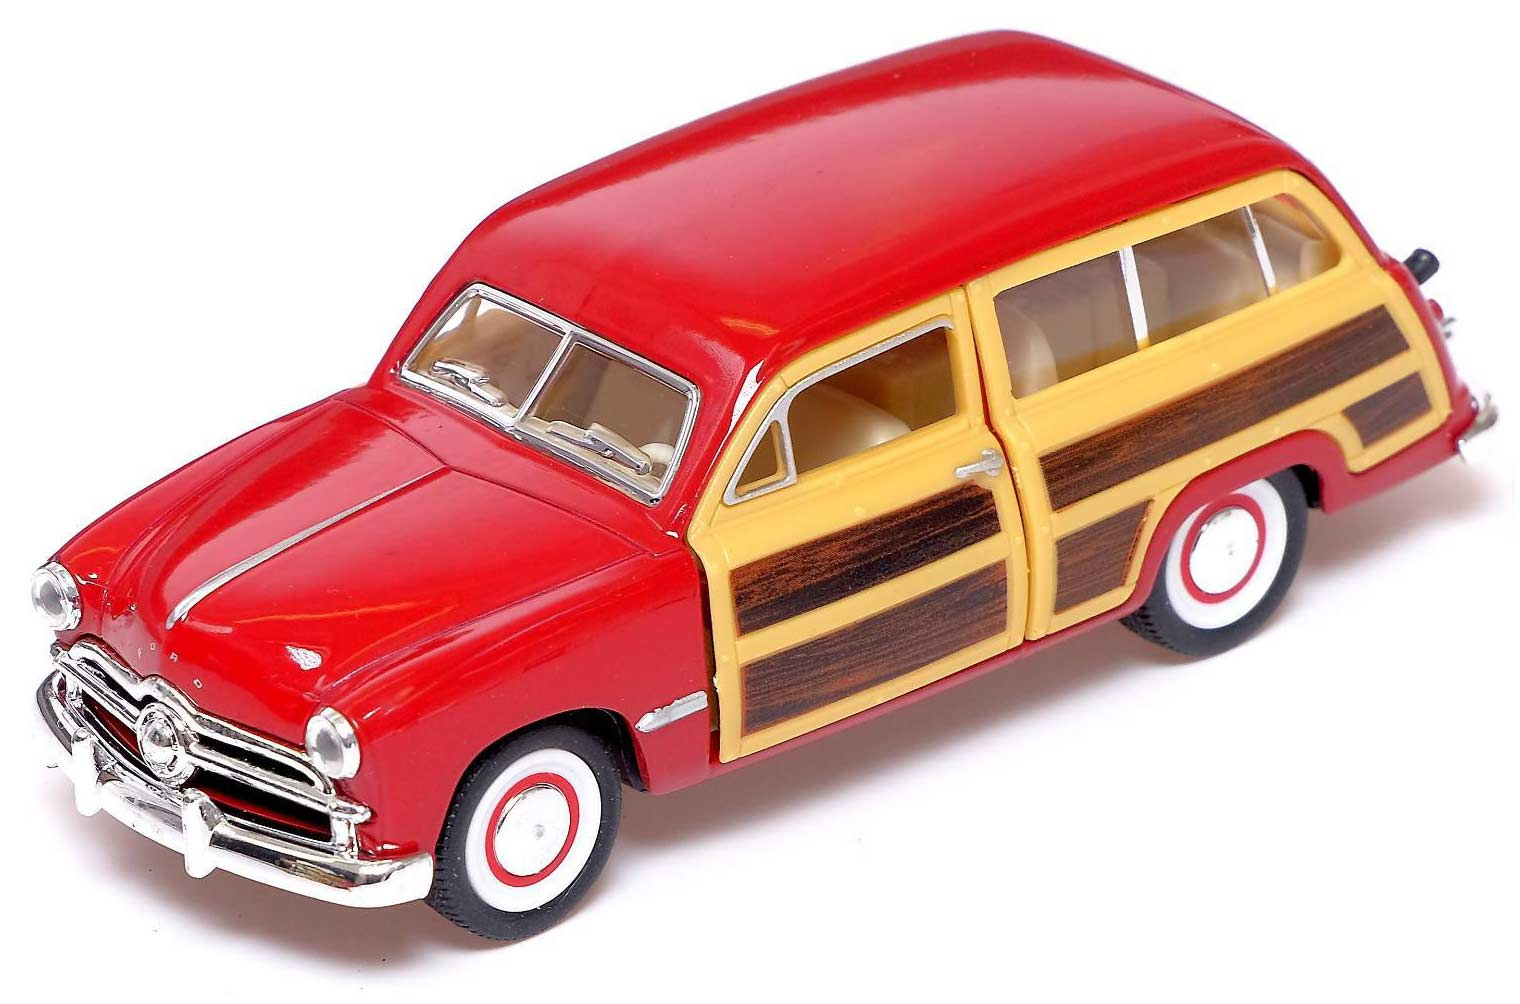 Машинка металлическая Kinsmart 1:40 «1949 Ford Woody Wagon» KT5402D инерционная / Микс